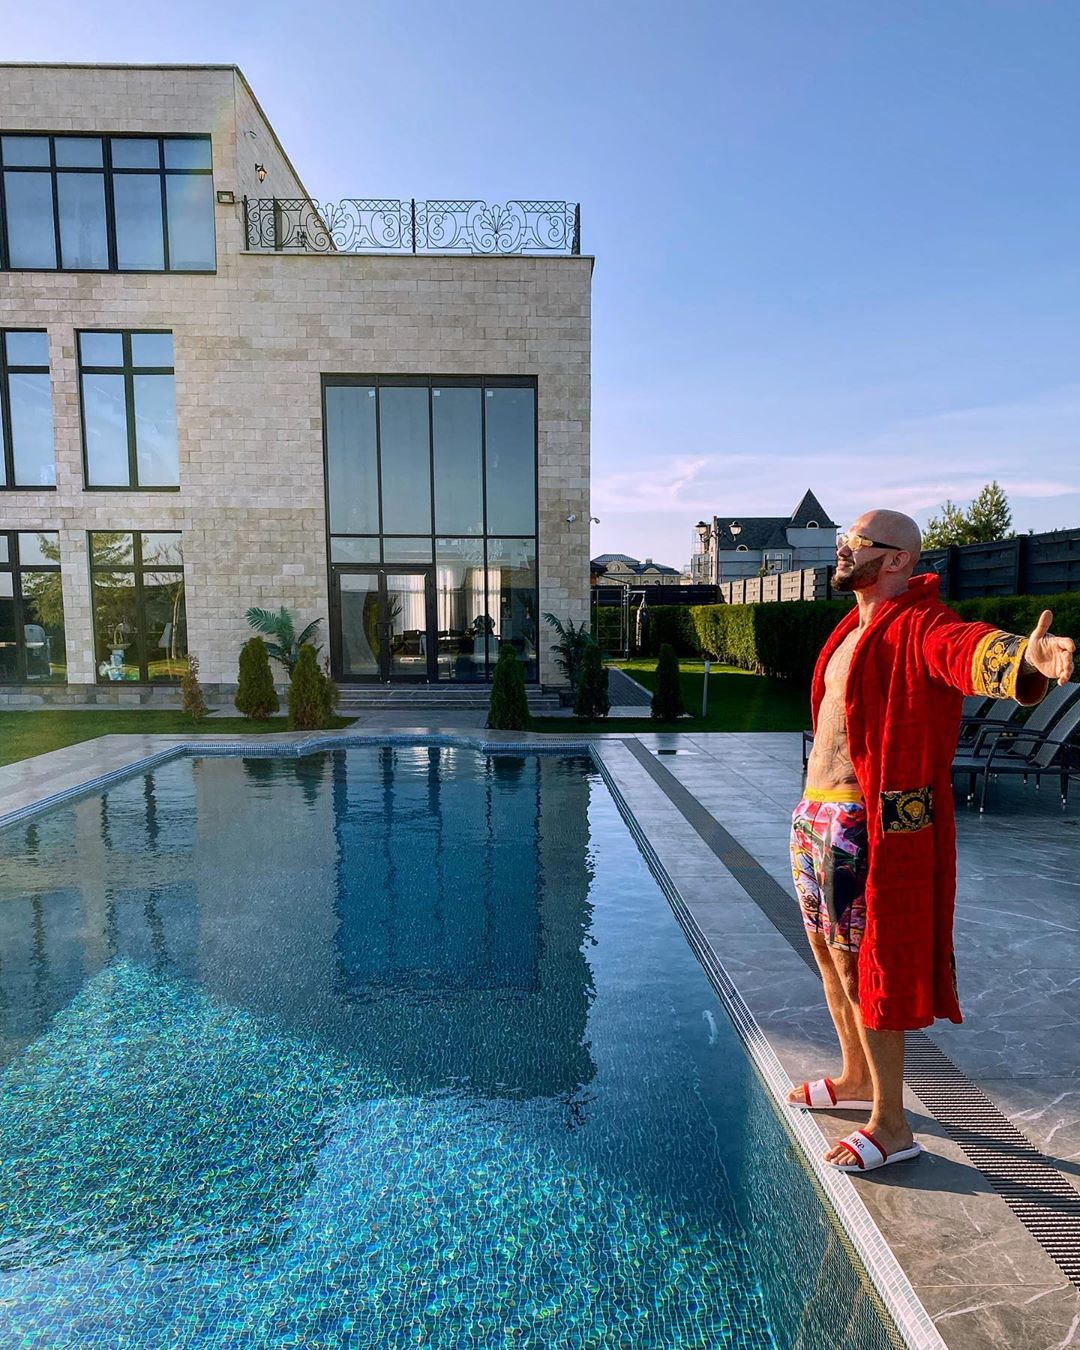 Рядом с домом расположен роскошный бассейн